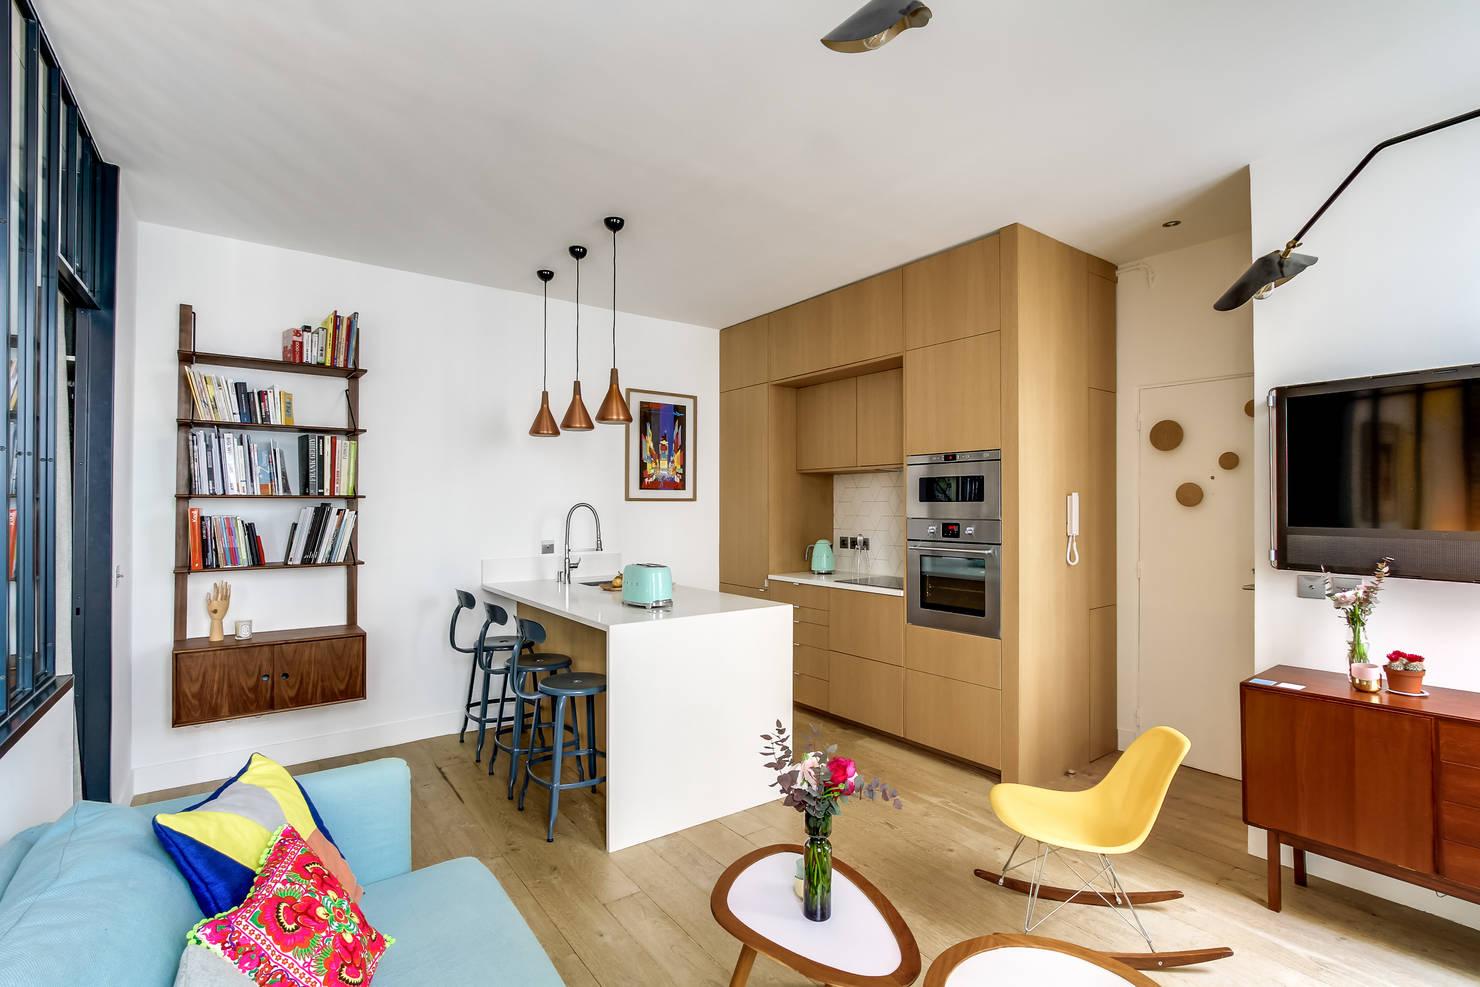 소형 아파트, 두 배로 넓어 보이는 마법의 인테리어